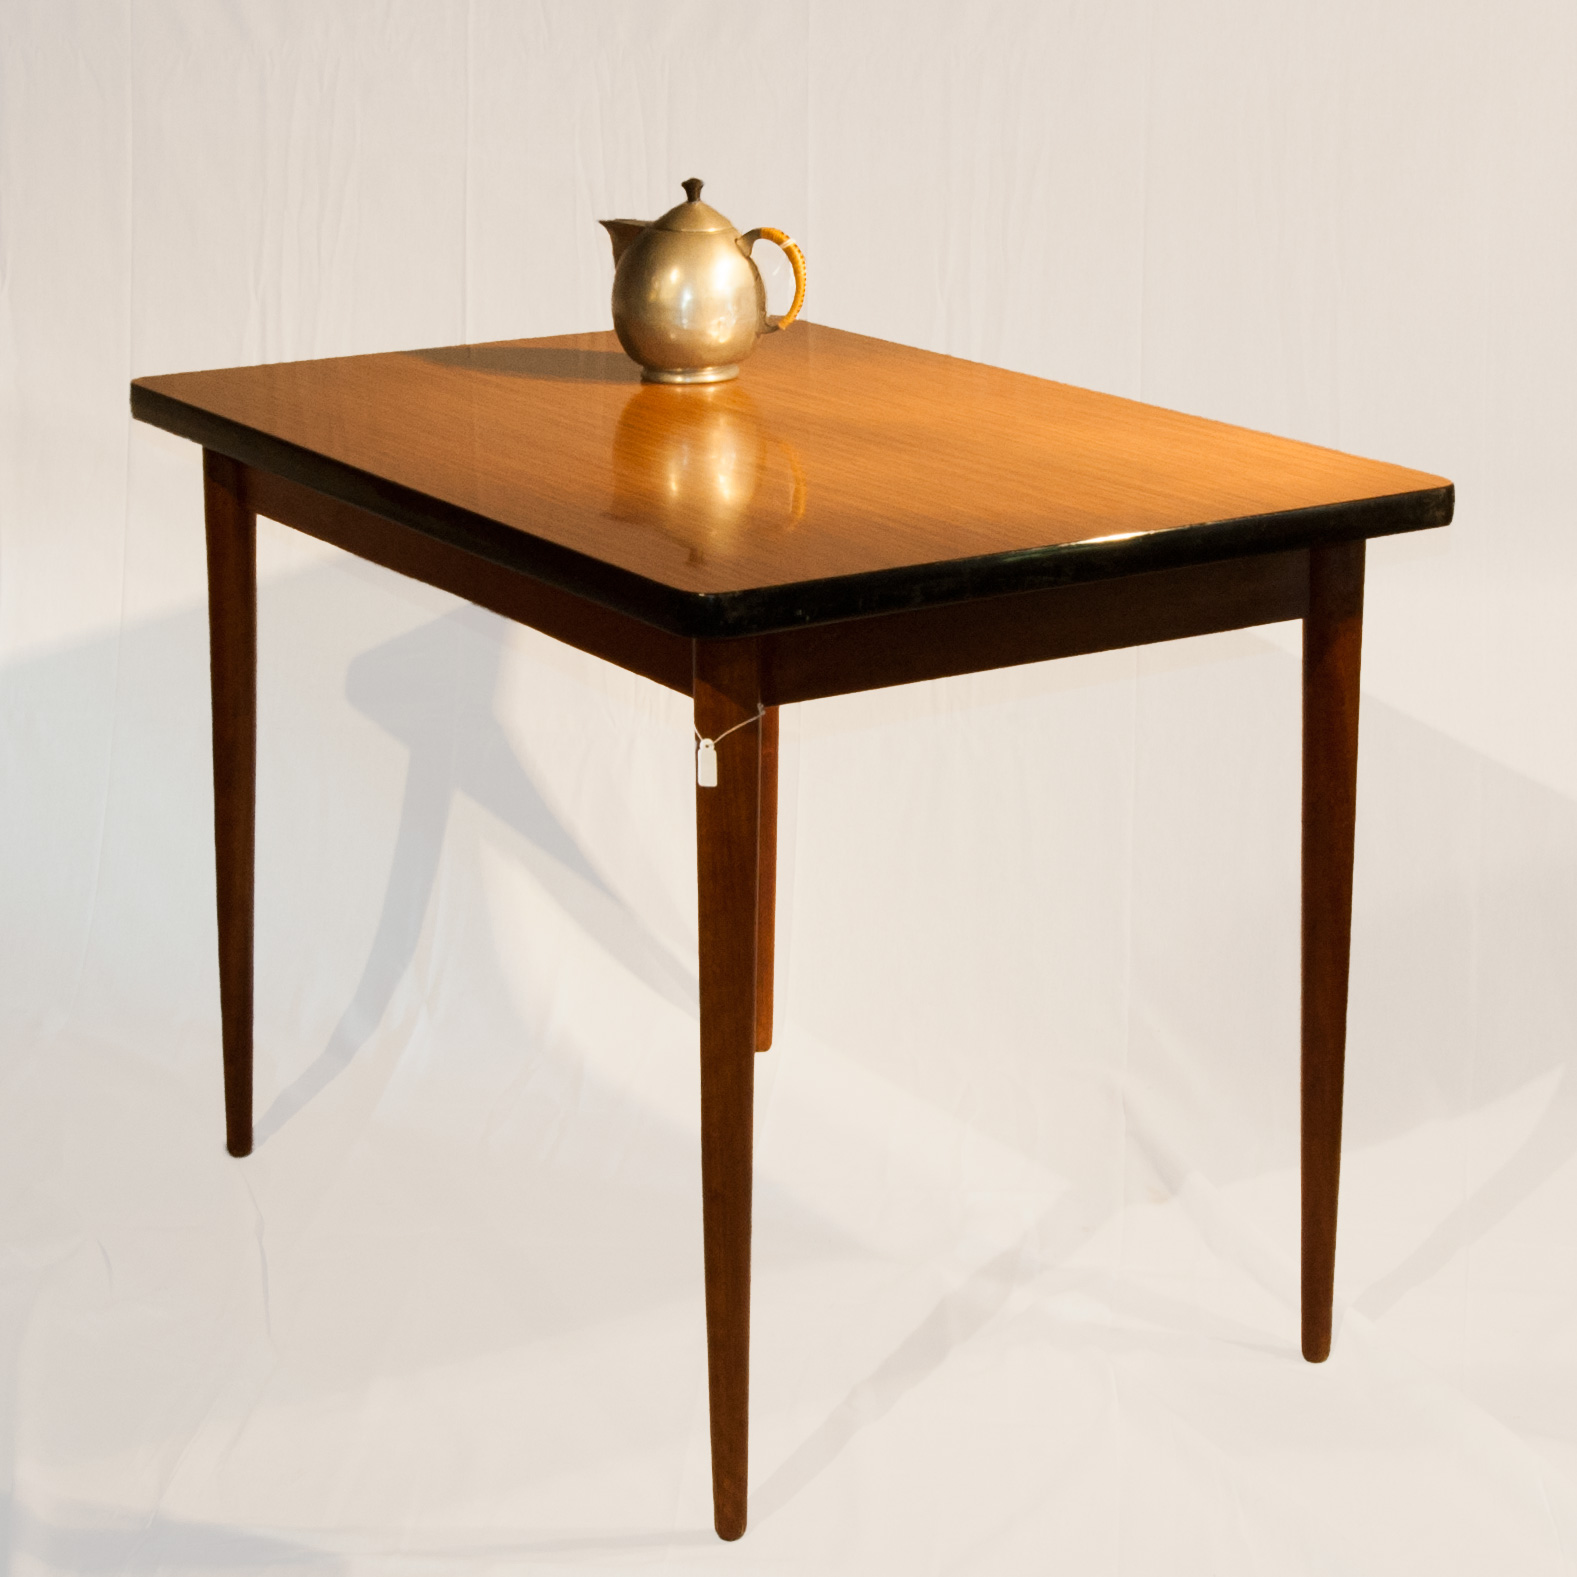 Keukentafel formica: keukentafel en stoelen tweedehands eettafel ...